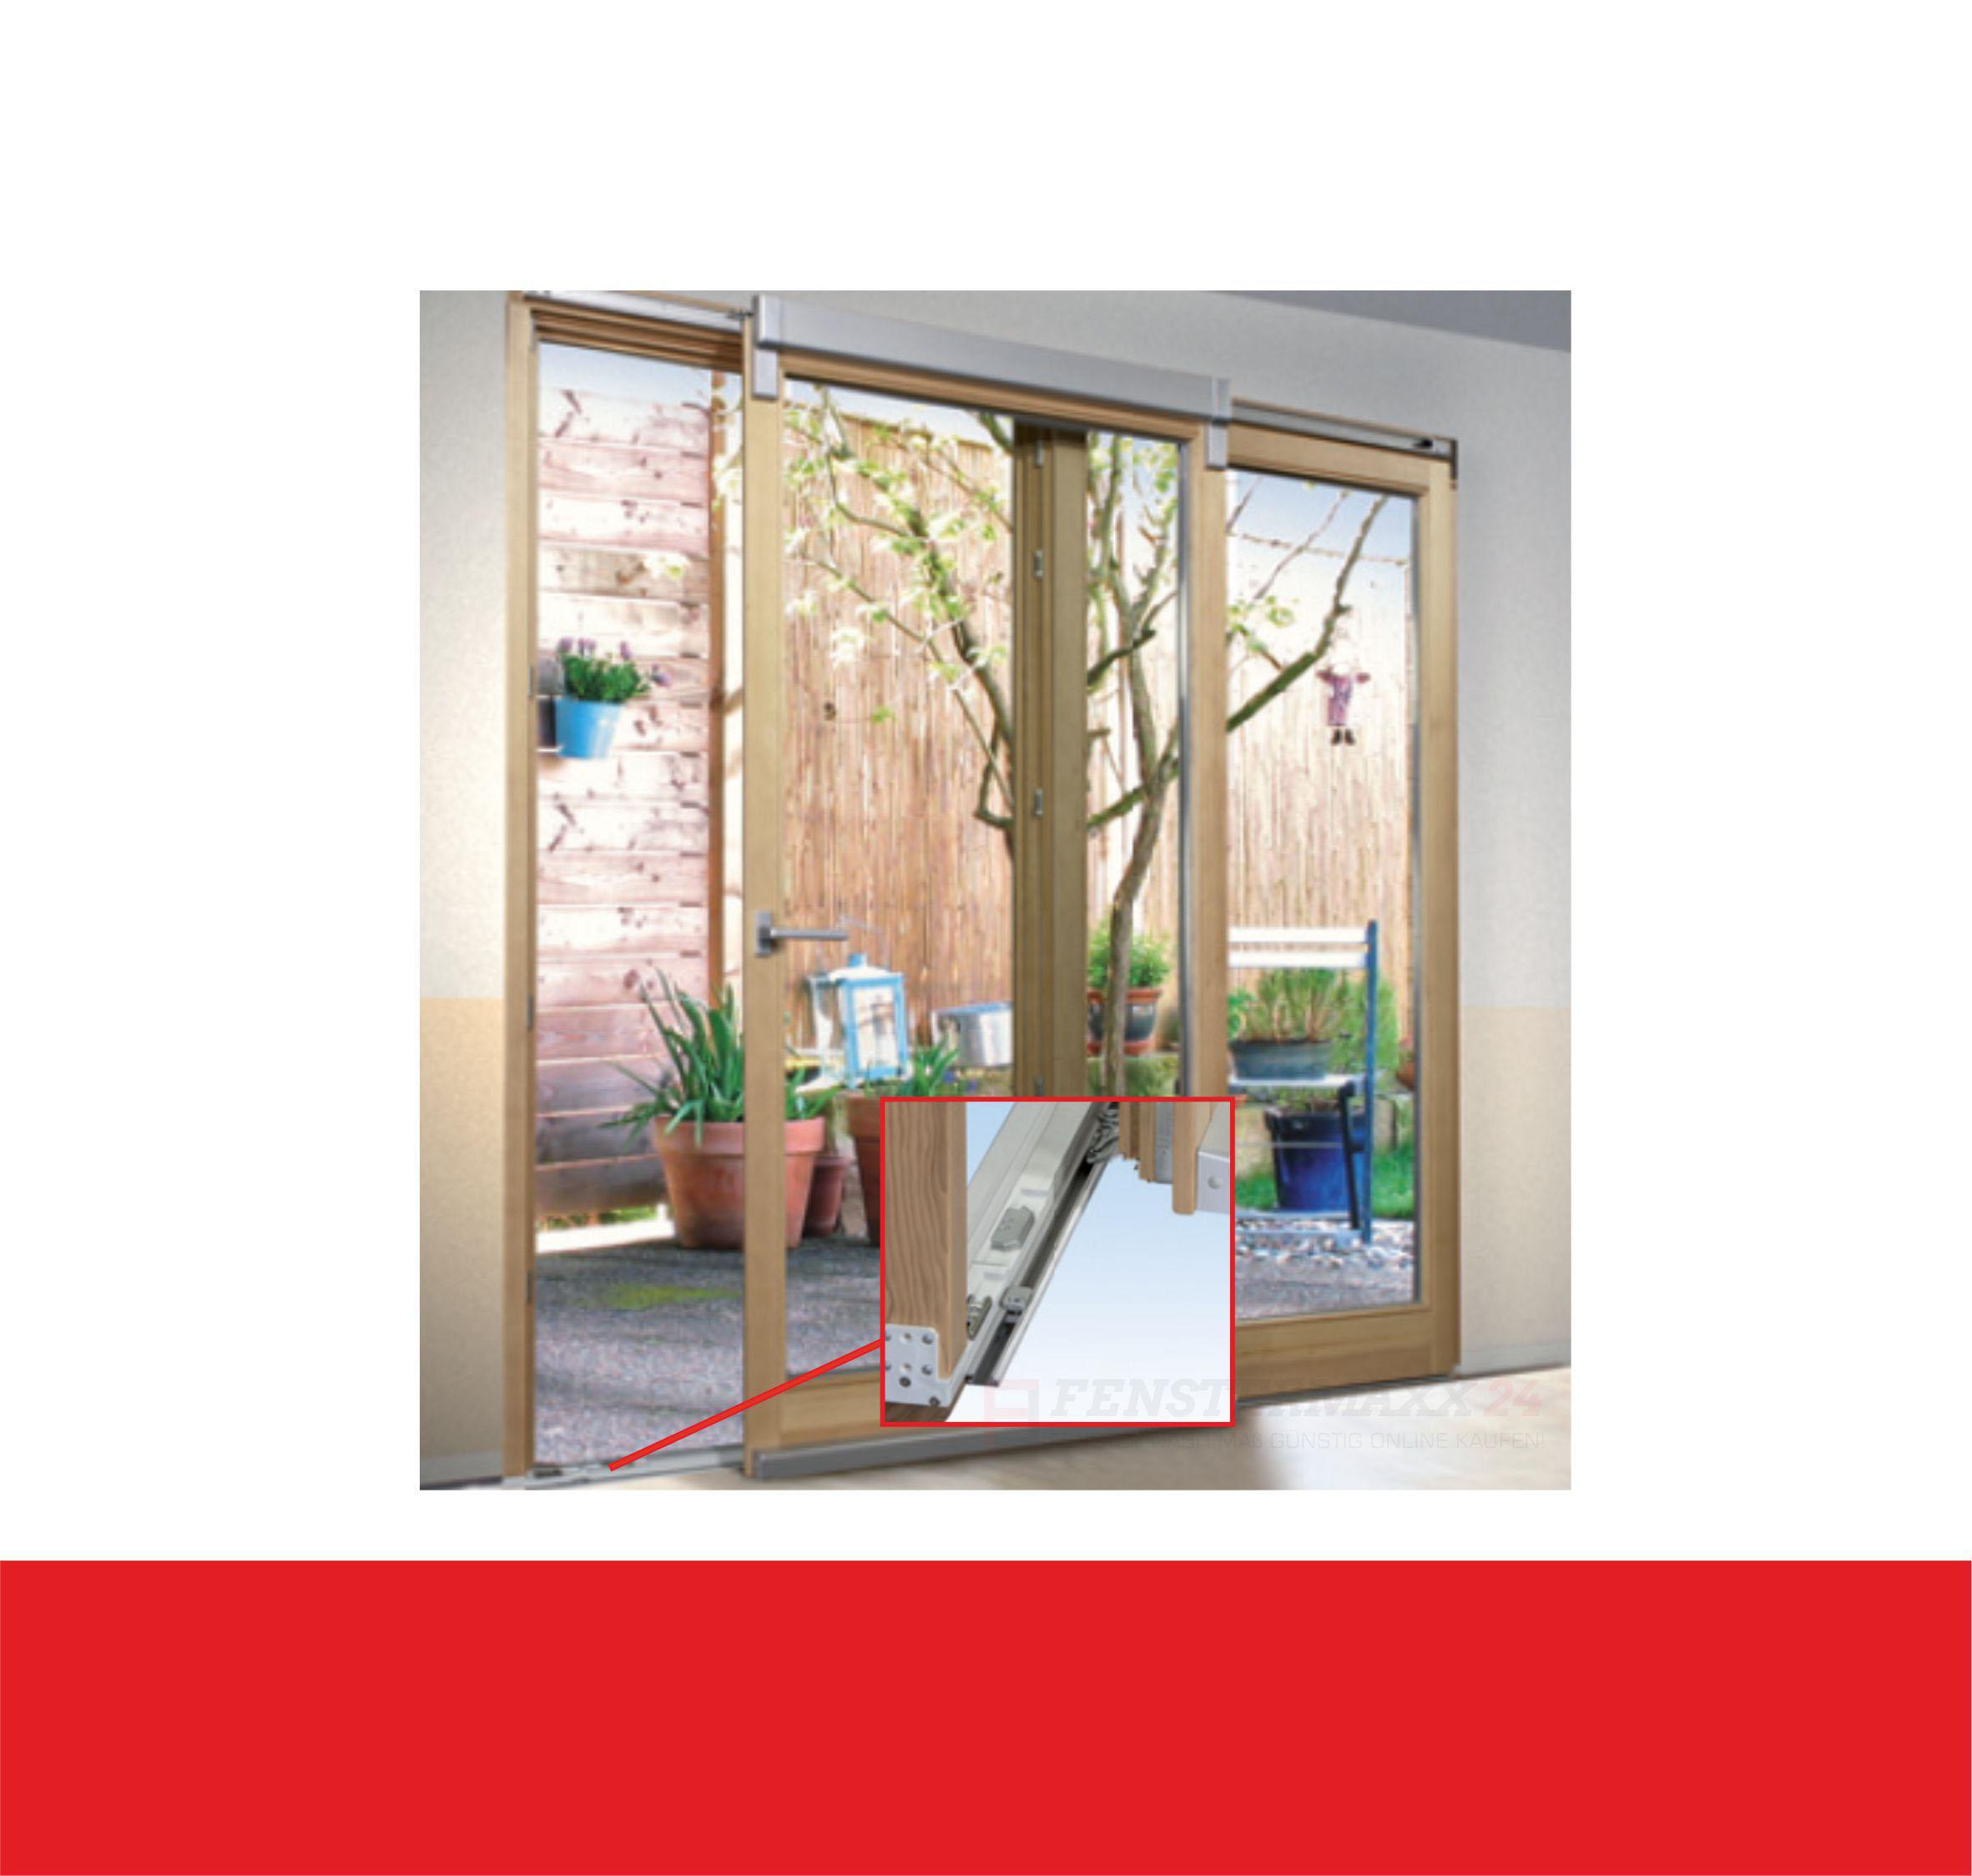 Fenster shop 24 galerie shop with fenster shop 24 for Fenster shop